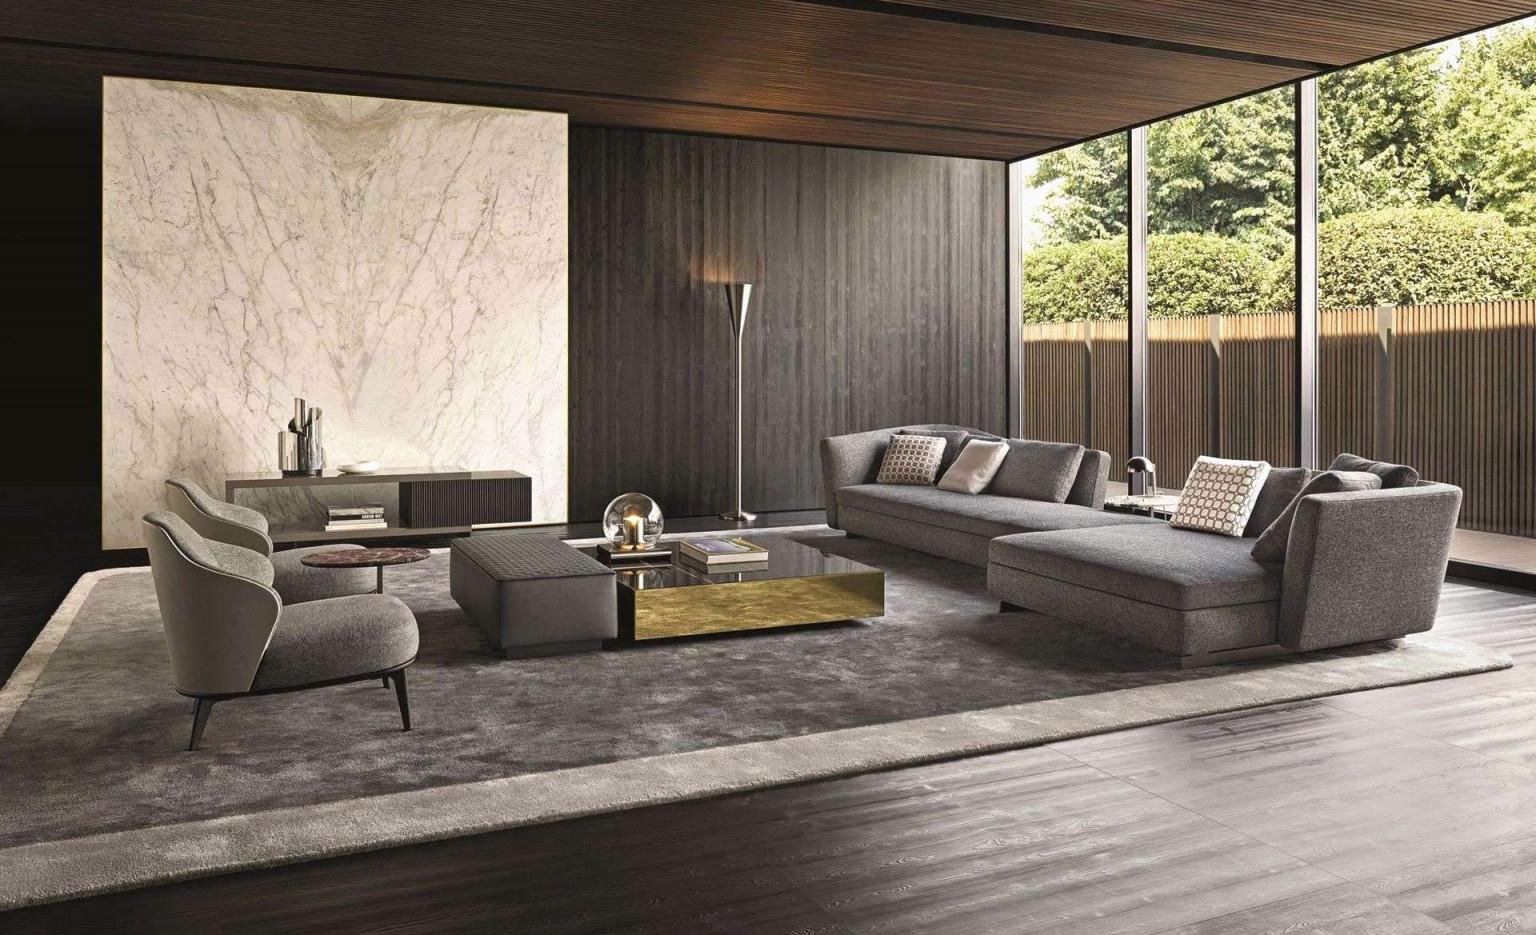 Stylische Wohnzimmer Frisch Stylische Wohnzimmer Design Die von Stylische Bilder Wohnzimmer Photo